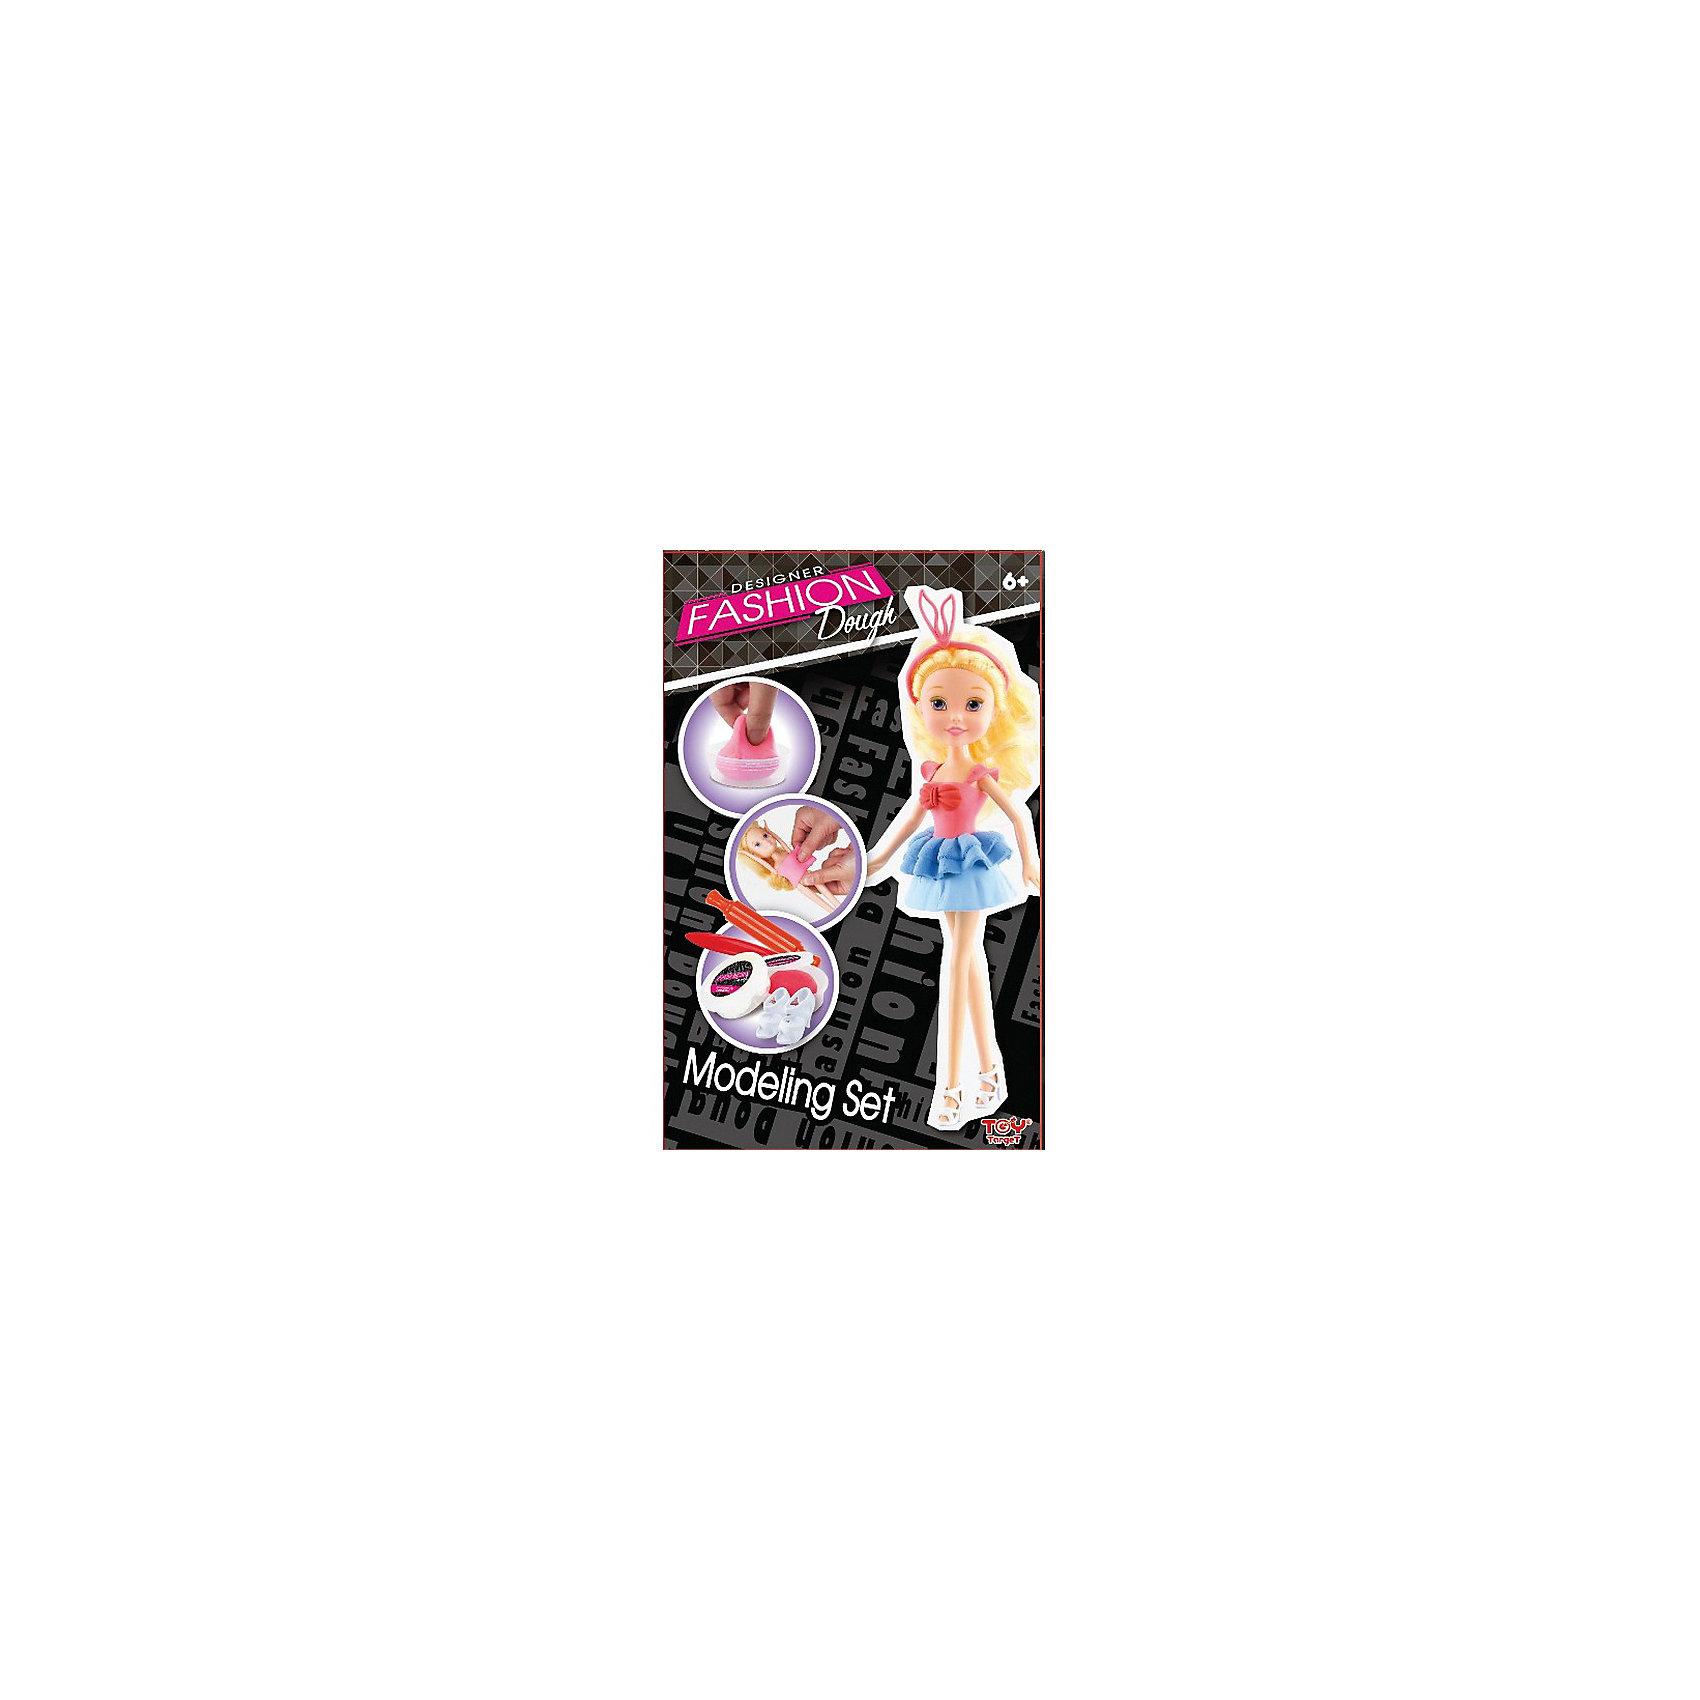 Набор для творчества с пластилином Fashion Dough и куклой Блондинка в голубой юбкеЛепка<br>Удивите маленькую мастерицу оригинальным набором для творчества от торговой марки Toy Target. В удобной упаковке ребенок найдет очаровательную куколку-блондинку, удобные инструменты для моделирования, пластилин, обувь, держатель для куклы и подробную инструкцию.  Каждой девочке будет очень интересен процесс создания стильных нарядов из легкого, мягкого и гладкого пластилина. Масса для лепки безопасна для здоровья, гипоаллергенна и не содержит глютена.  Занятия с набором подарят море положительных эмоций и поспособствуют развитию пространственного воображения, фантазии и художественного вкуса вашей малышки.  Рекомендованный возраст: от 6 лет.  Размер упаковки: 18,6х5,8х29,4 см.  В комплекте: кукла-модель; масса для моделирования – 2 шт.; инструменты для моделирования – 2 шт.; обувь для куклы; держатель для куклы; инструкция.<br><br>Ширина мм: 186<br>Глубина мм: 58<br>Высота мм: 294<br>Вес г: 330<br>Возраст от месяцев: 72<br>Возраст до месяцев: 144<br>Пол: Женский<br>Возраст: Детский<br>SKU: 6867055